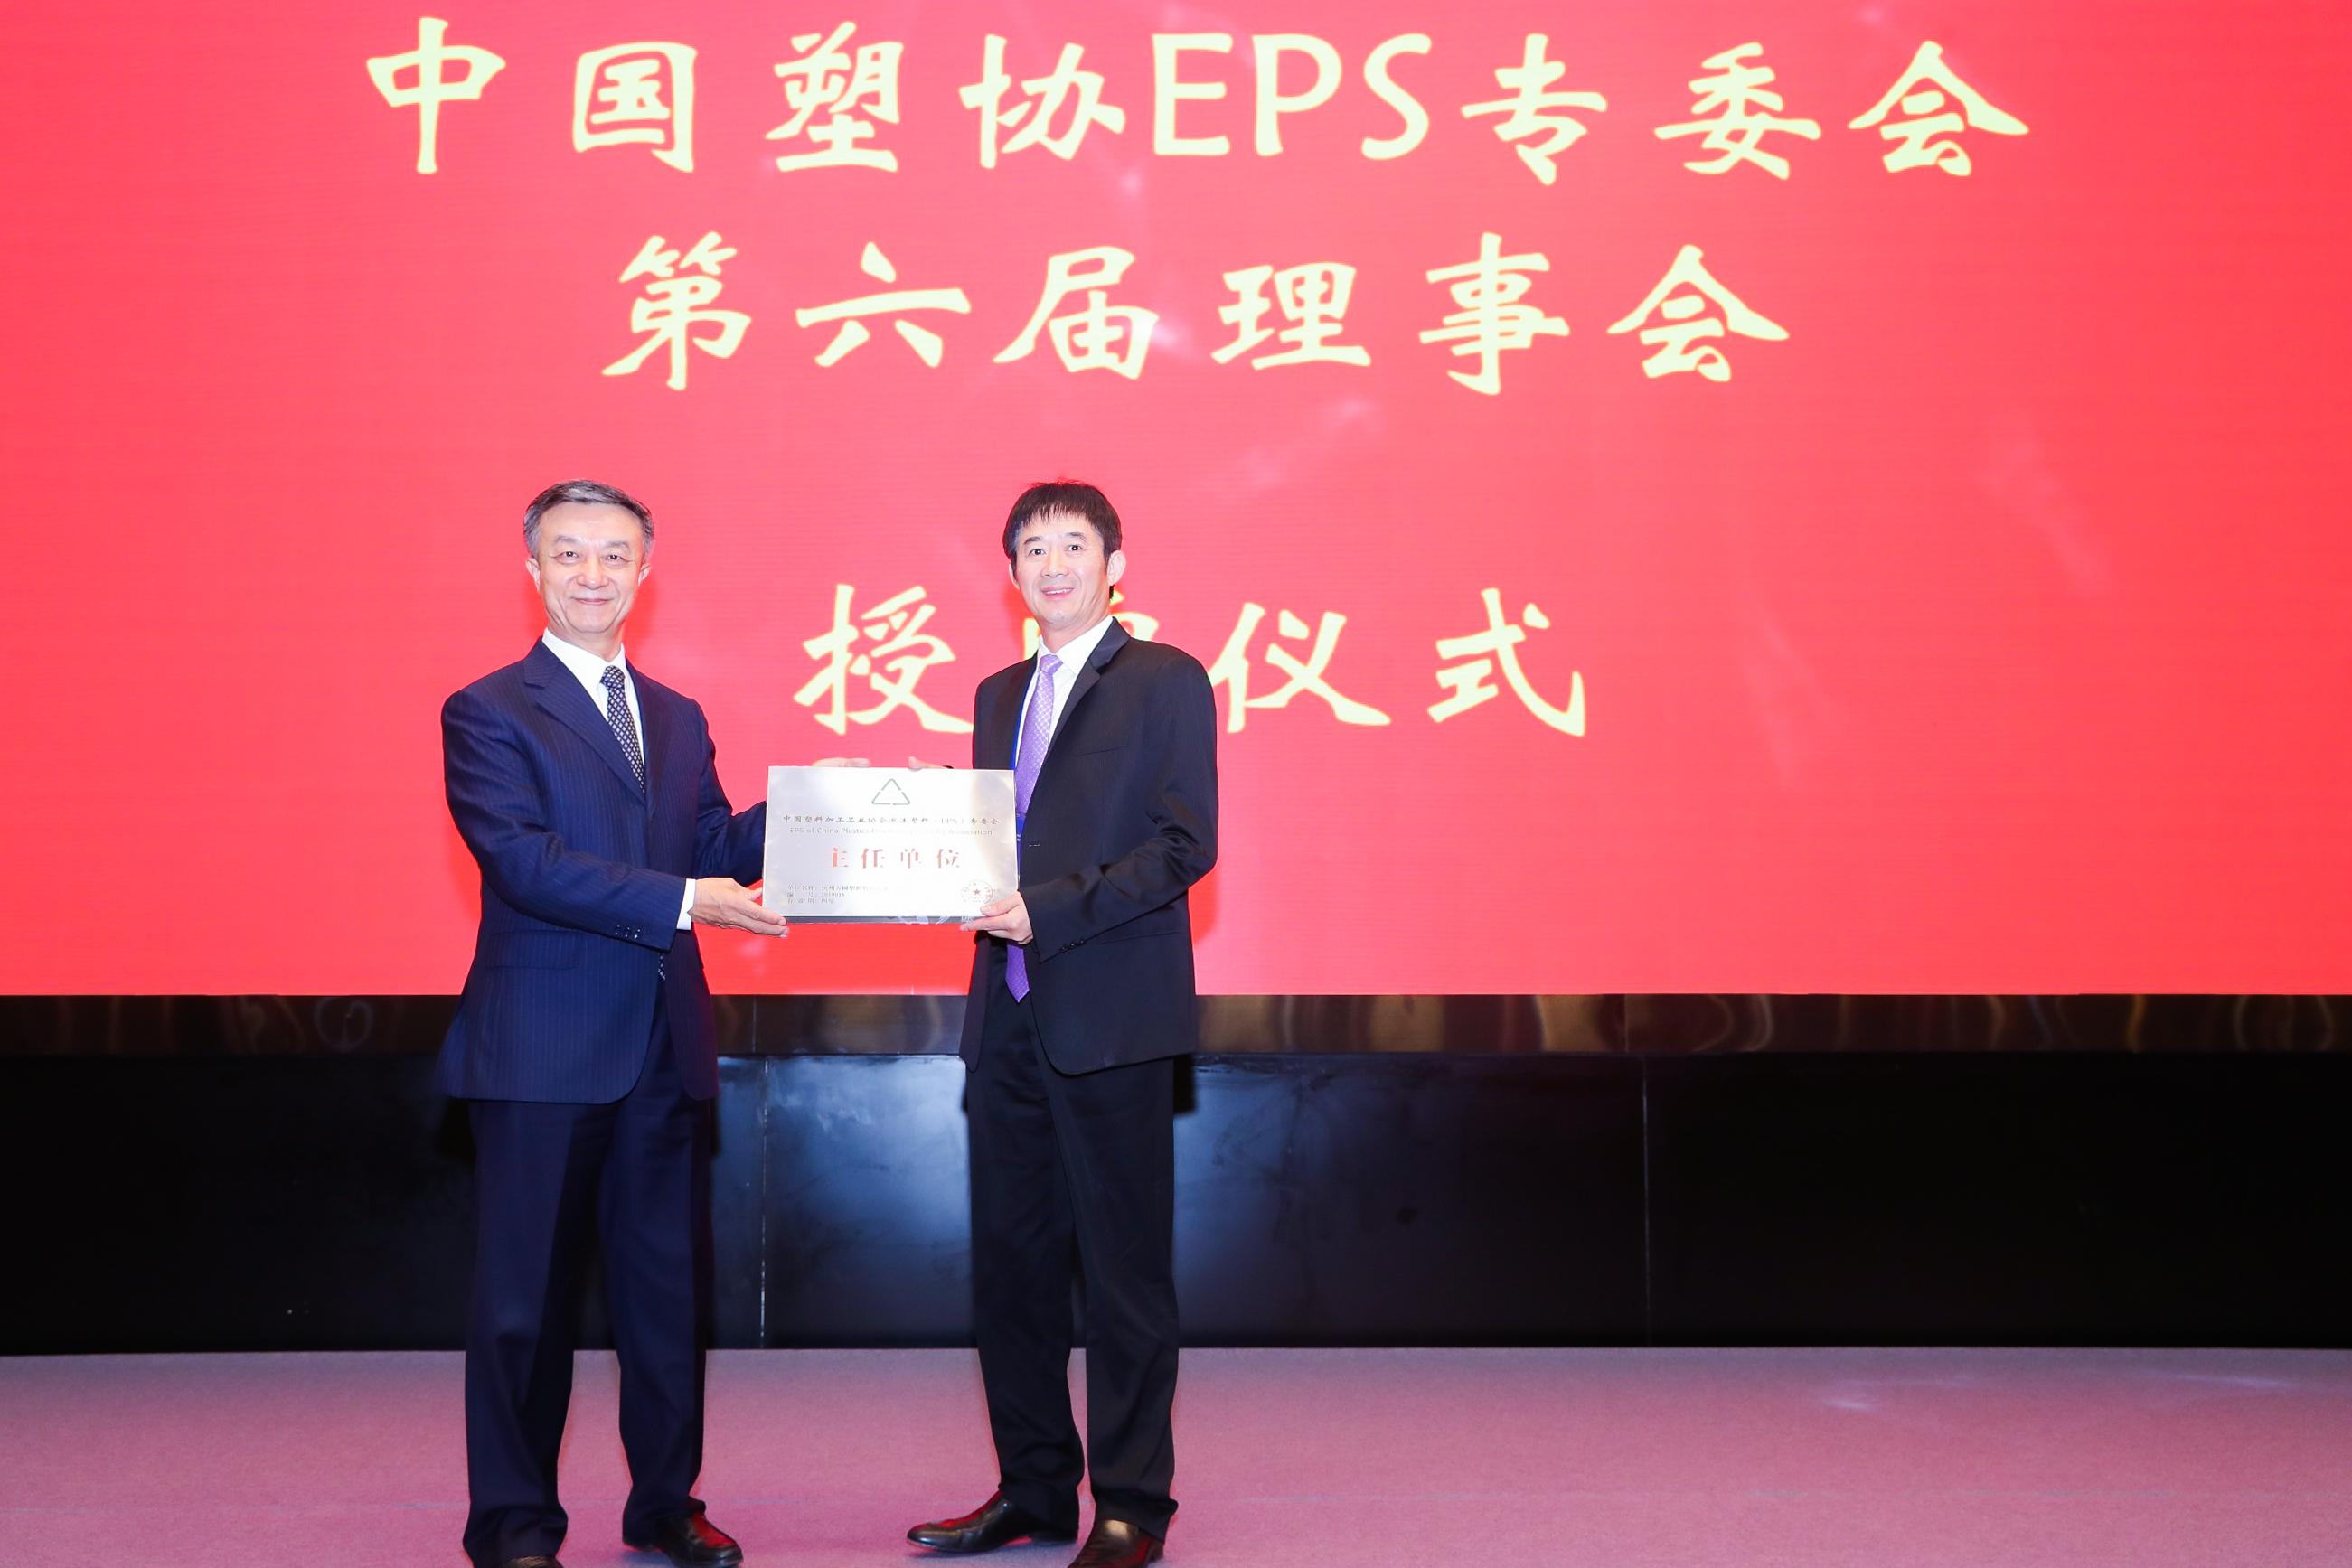 方圆公司所有人袁国庆先生自2019年起被授予中国塑料加工工业协会EPS专业委员会主席。